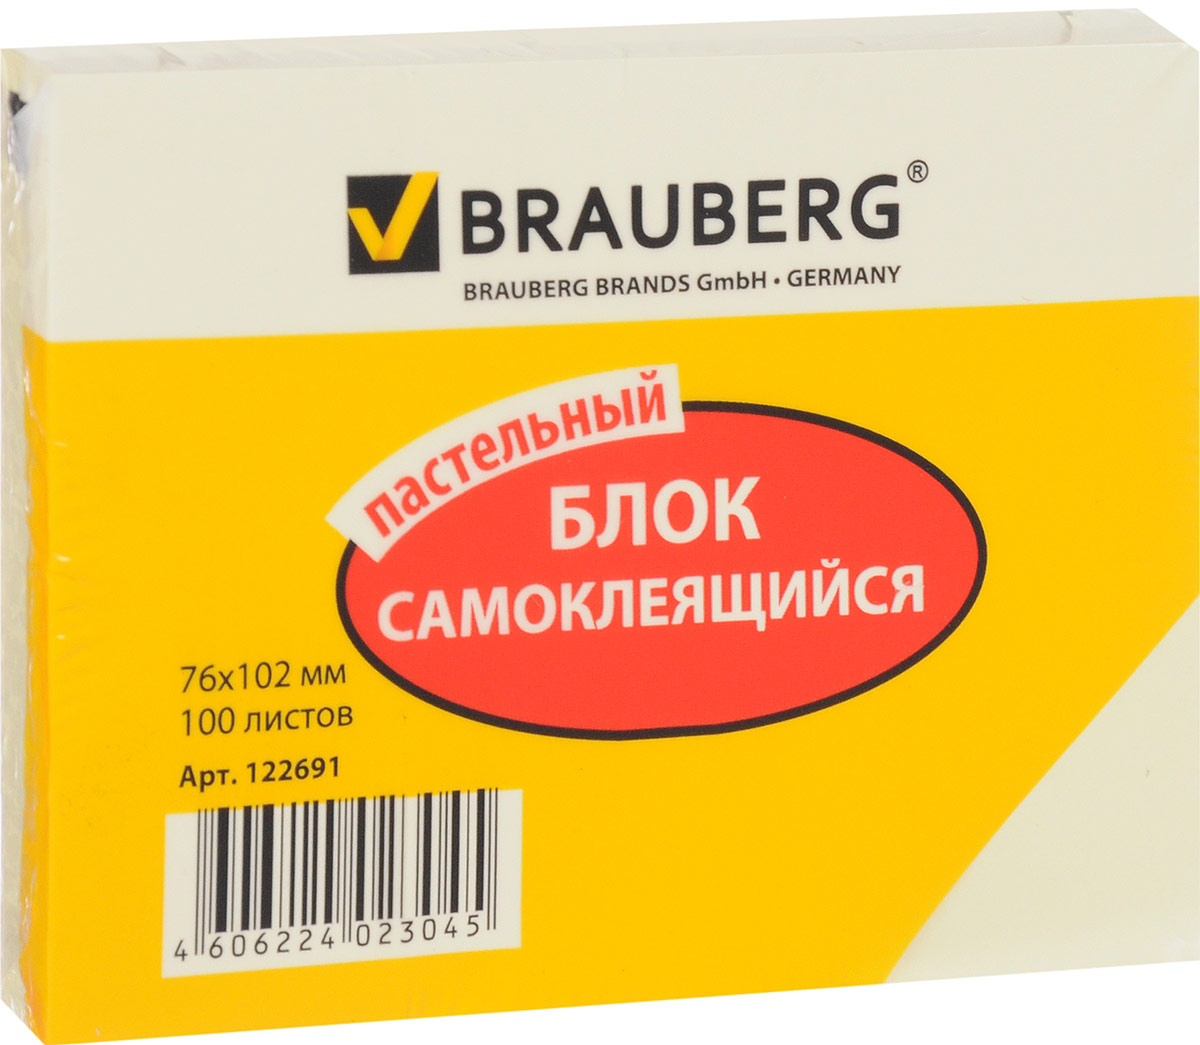 Brauberg Блок пастельный самоклеящийся цвет желтый 76 х 102 мм 100 листов0703415Яркие самоклеящиеся листочки привлекают к себе внимание и удобны для заметок, объявлений и других коротких сообщений. Легко крепятся к любой поверхности, не оставляют следов после отклеивания.